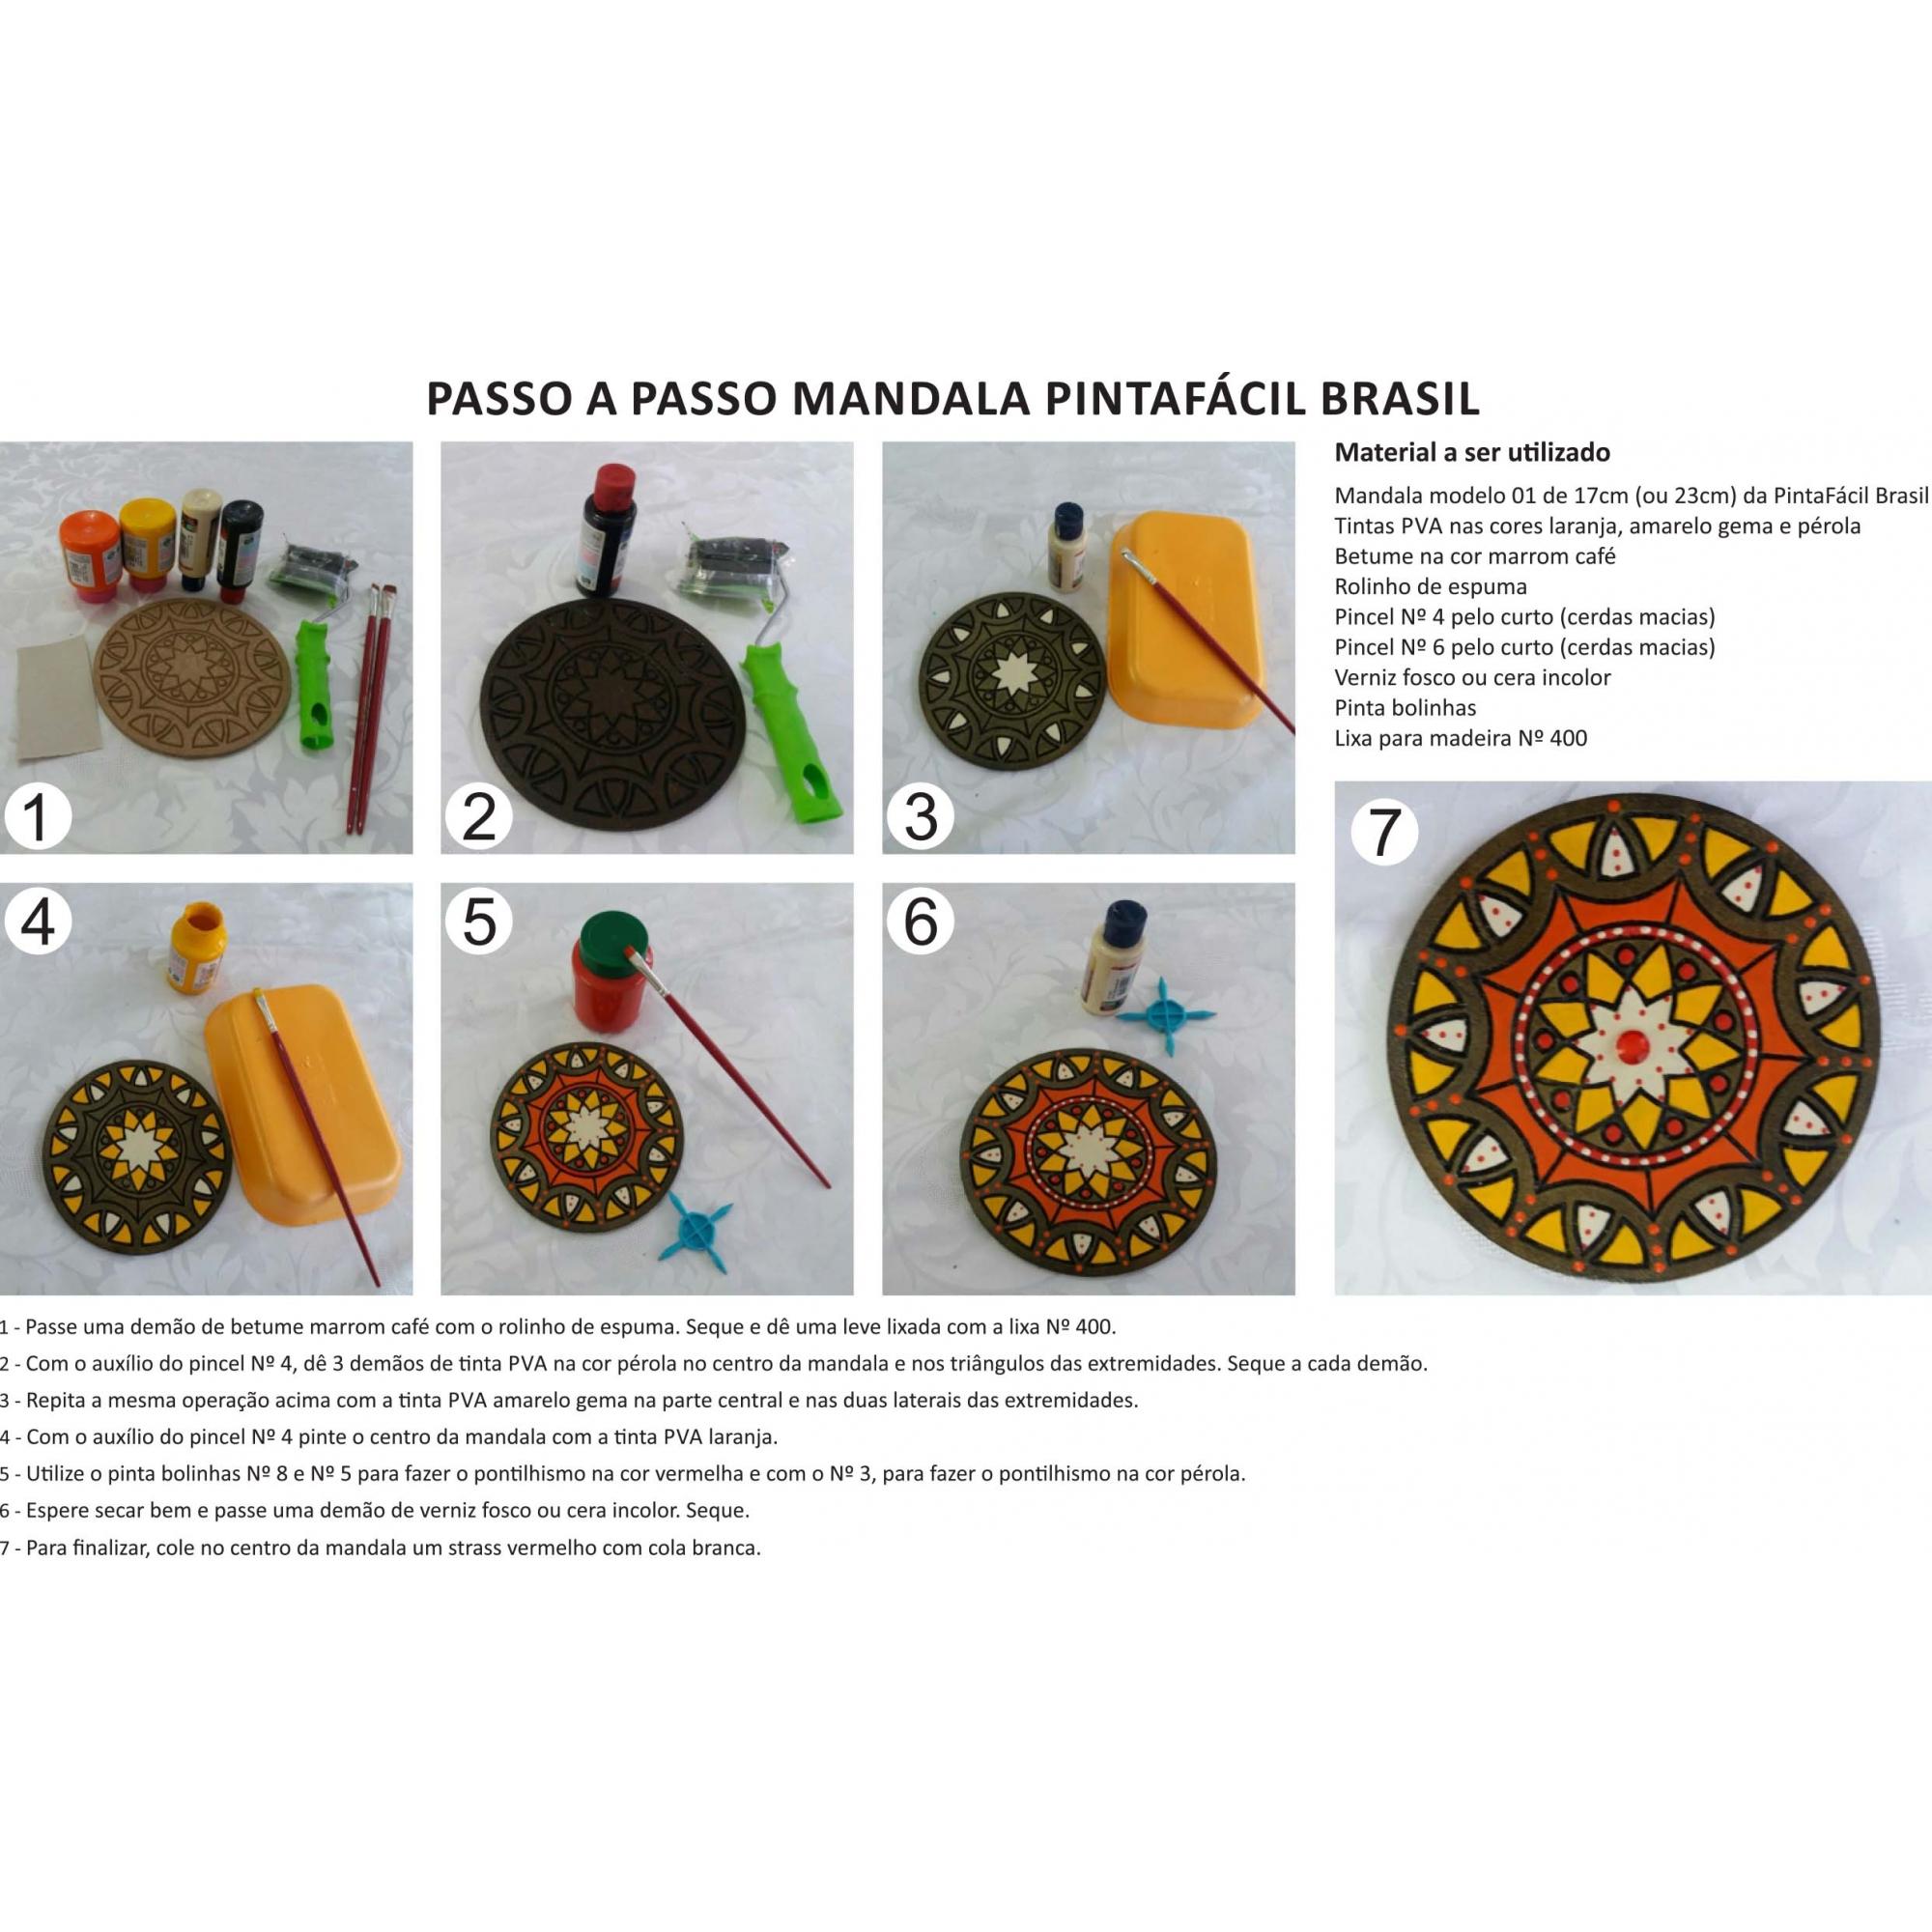 Kit 4 Peças Ganesha em Mdf Cru 15xh21cm para Pintar